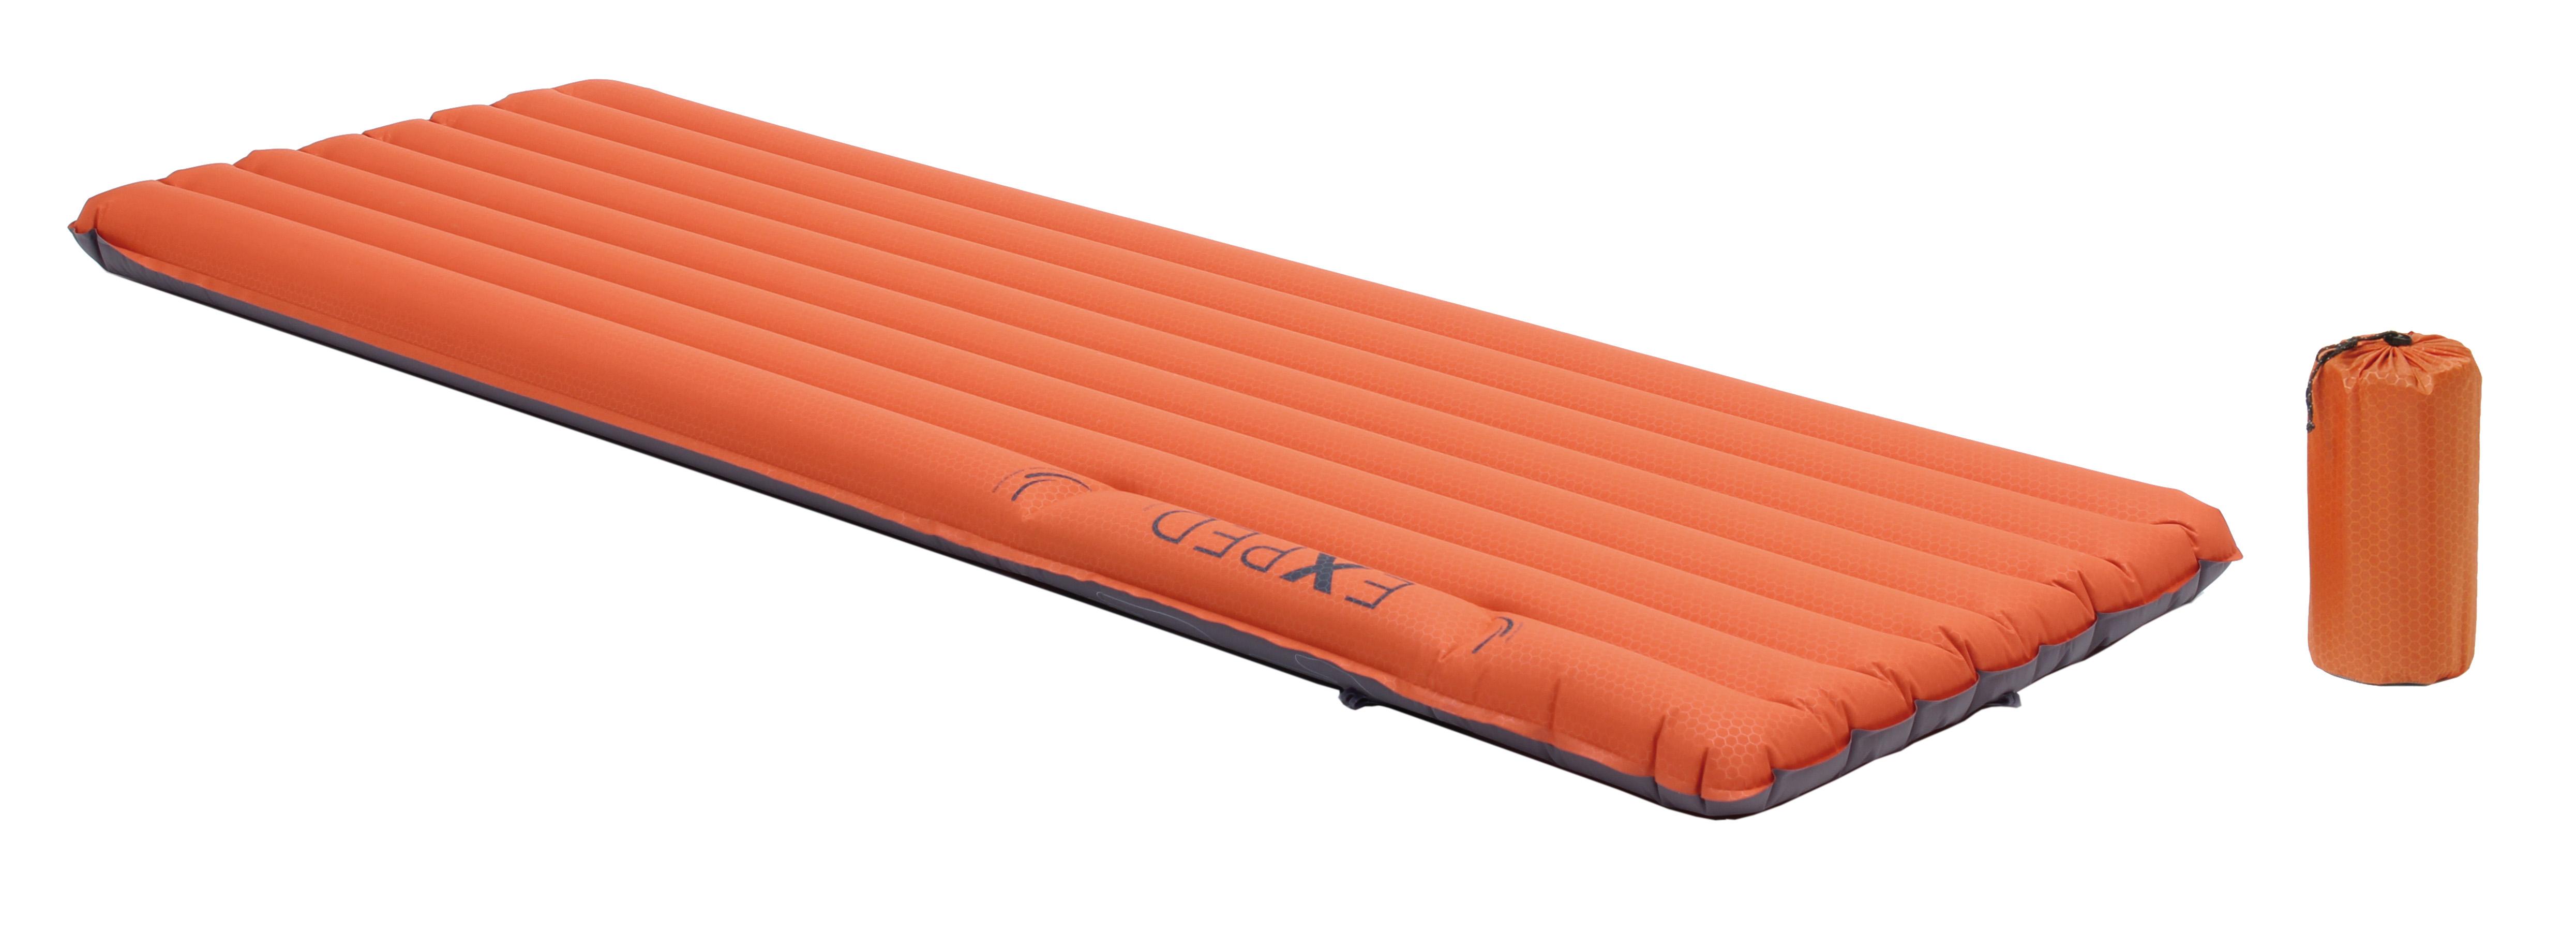 Надувной матрас оранжевого цвета для выезда на природу